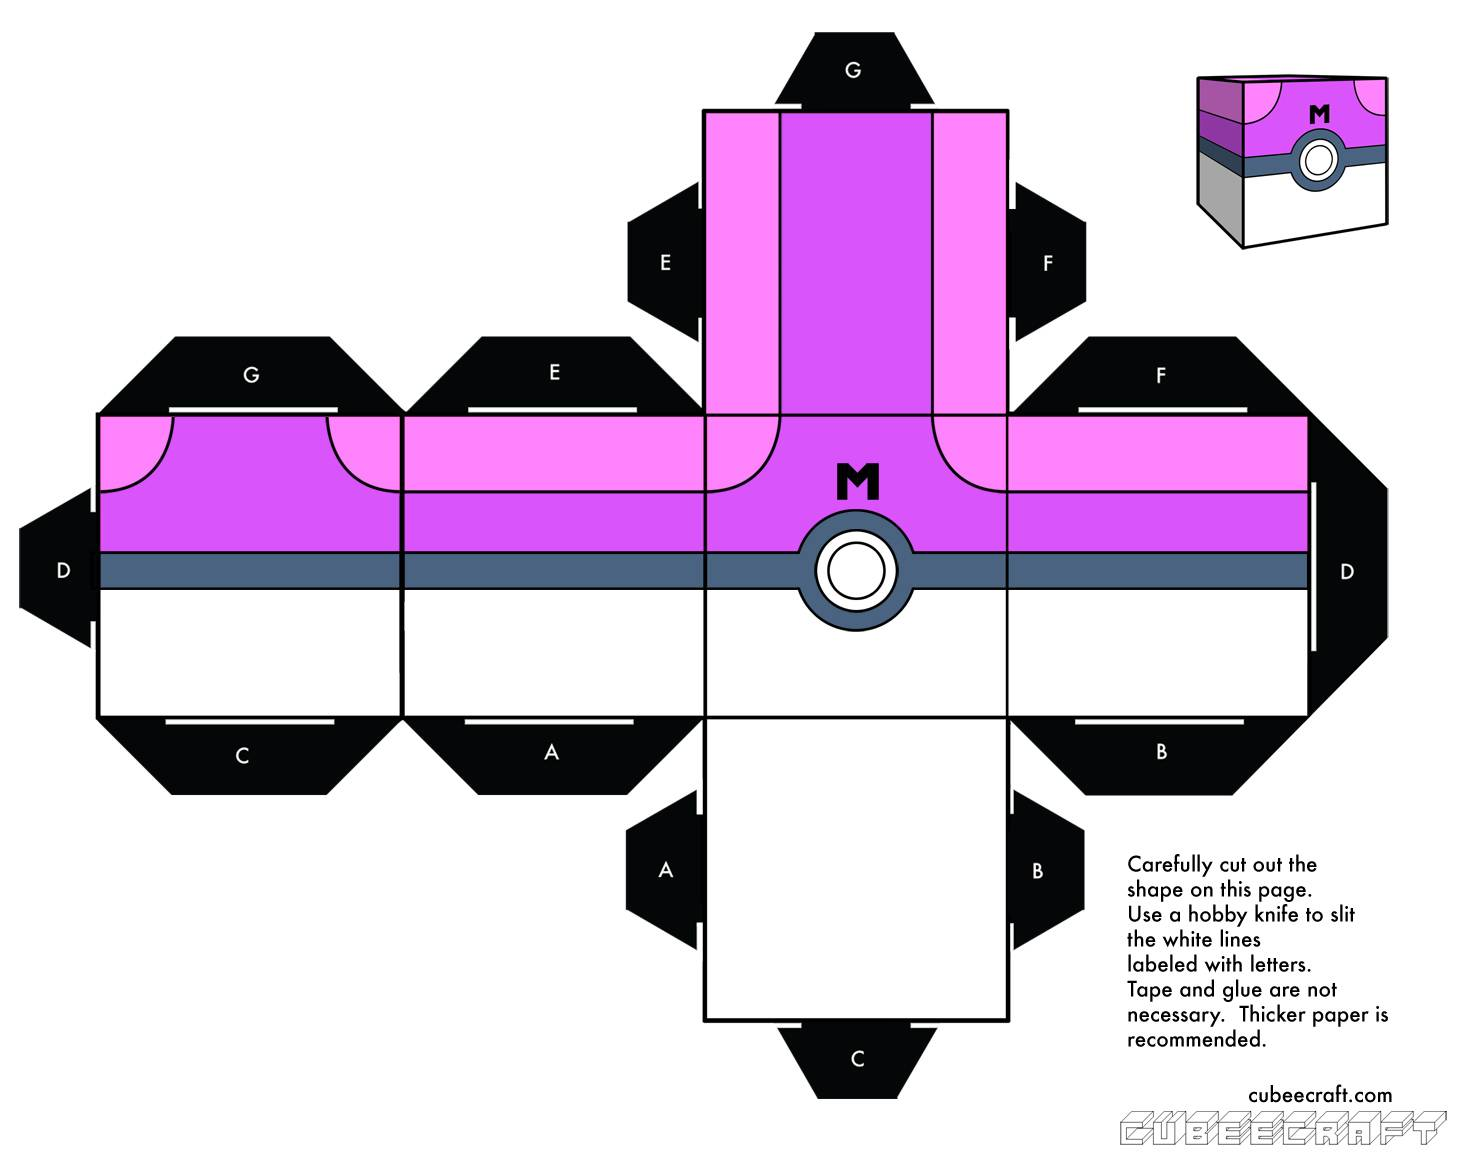 Как сделать сквиши – игрушку антистресс своими руками: шаблоны, картинки для срисовки, пошаговые инструкции с фото и видео описанием